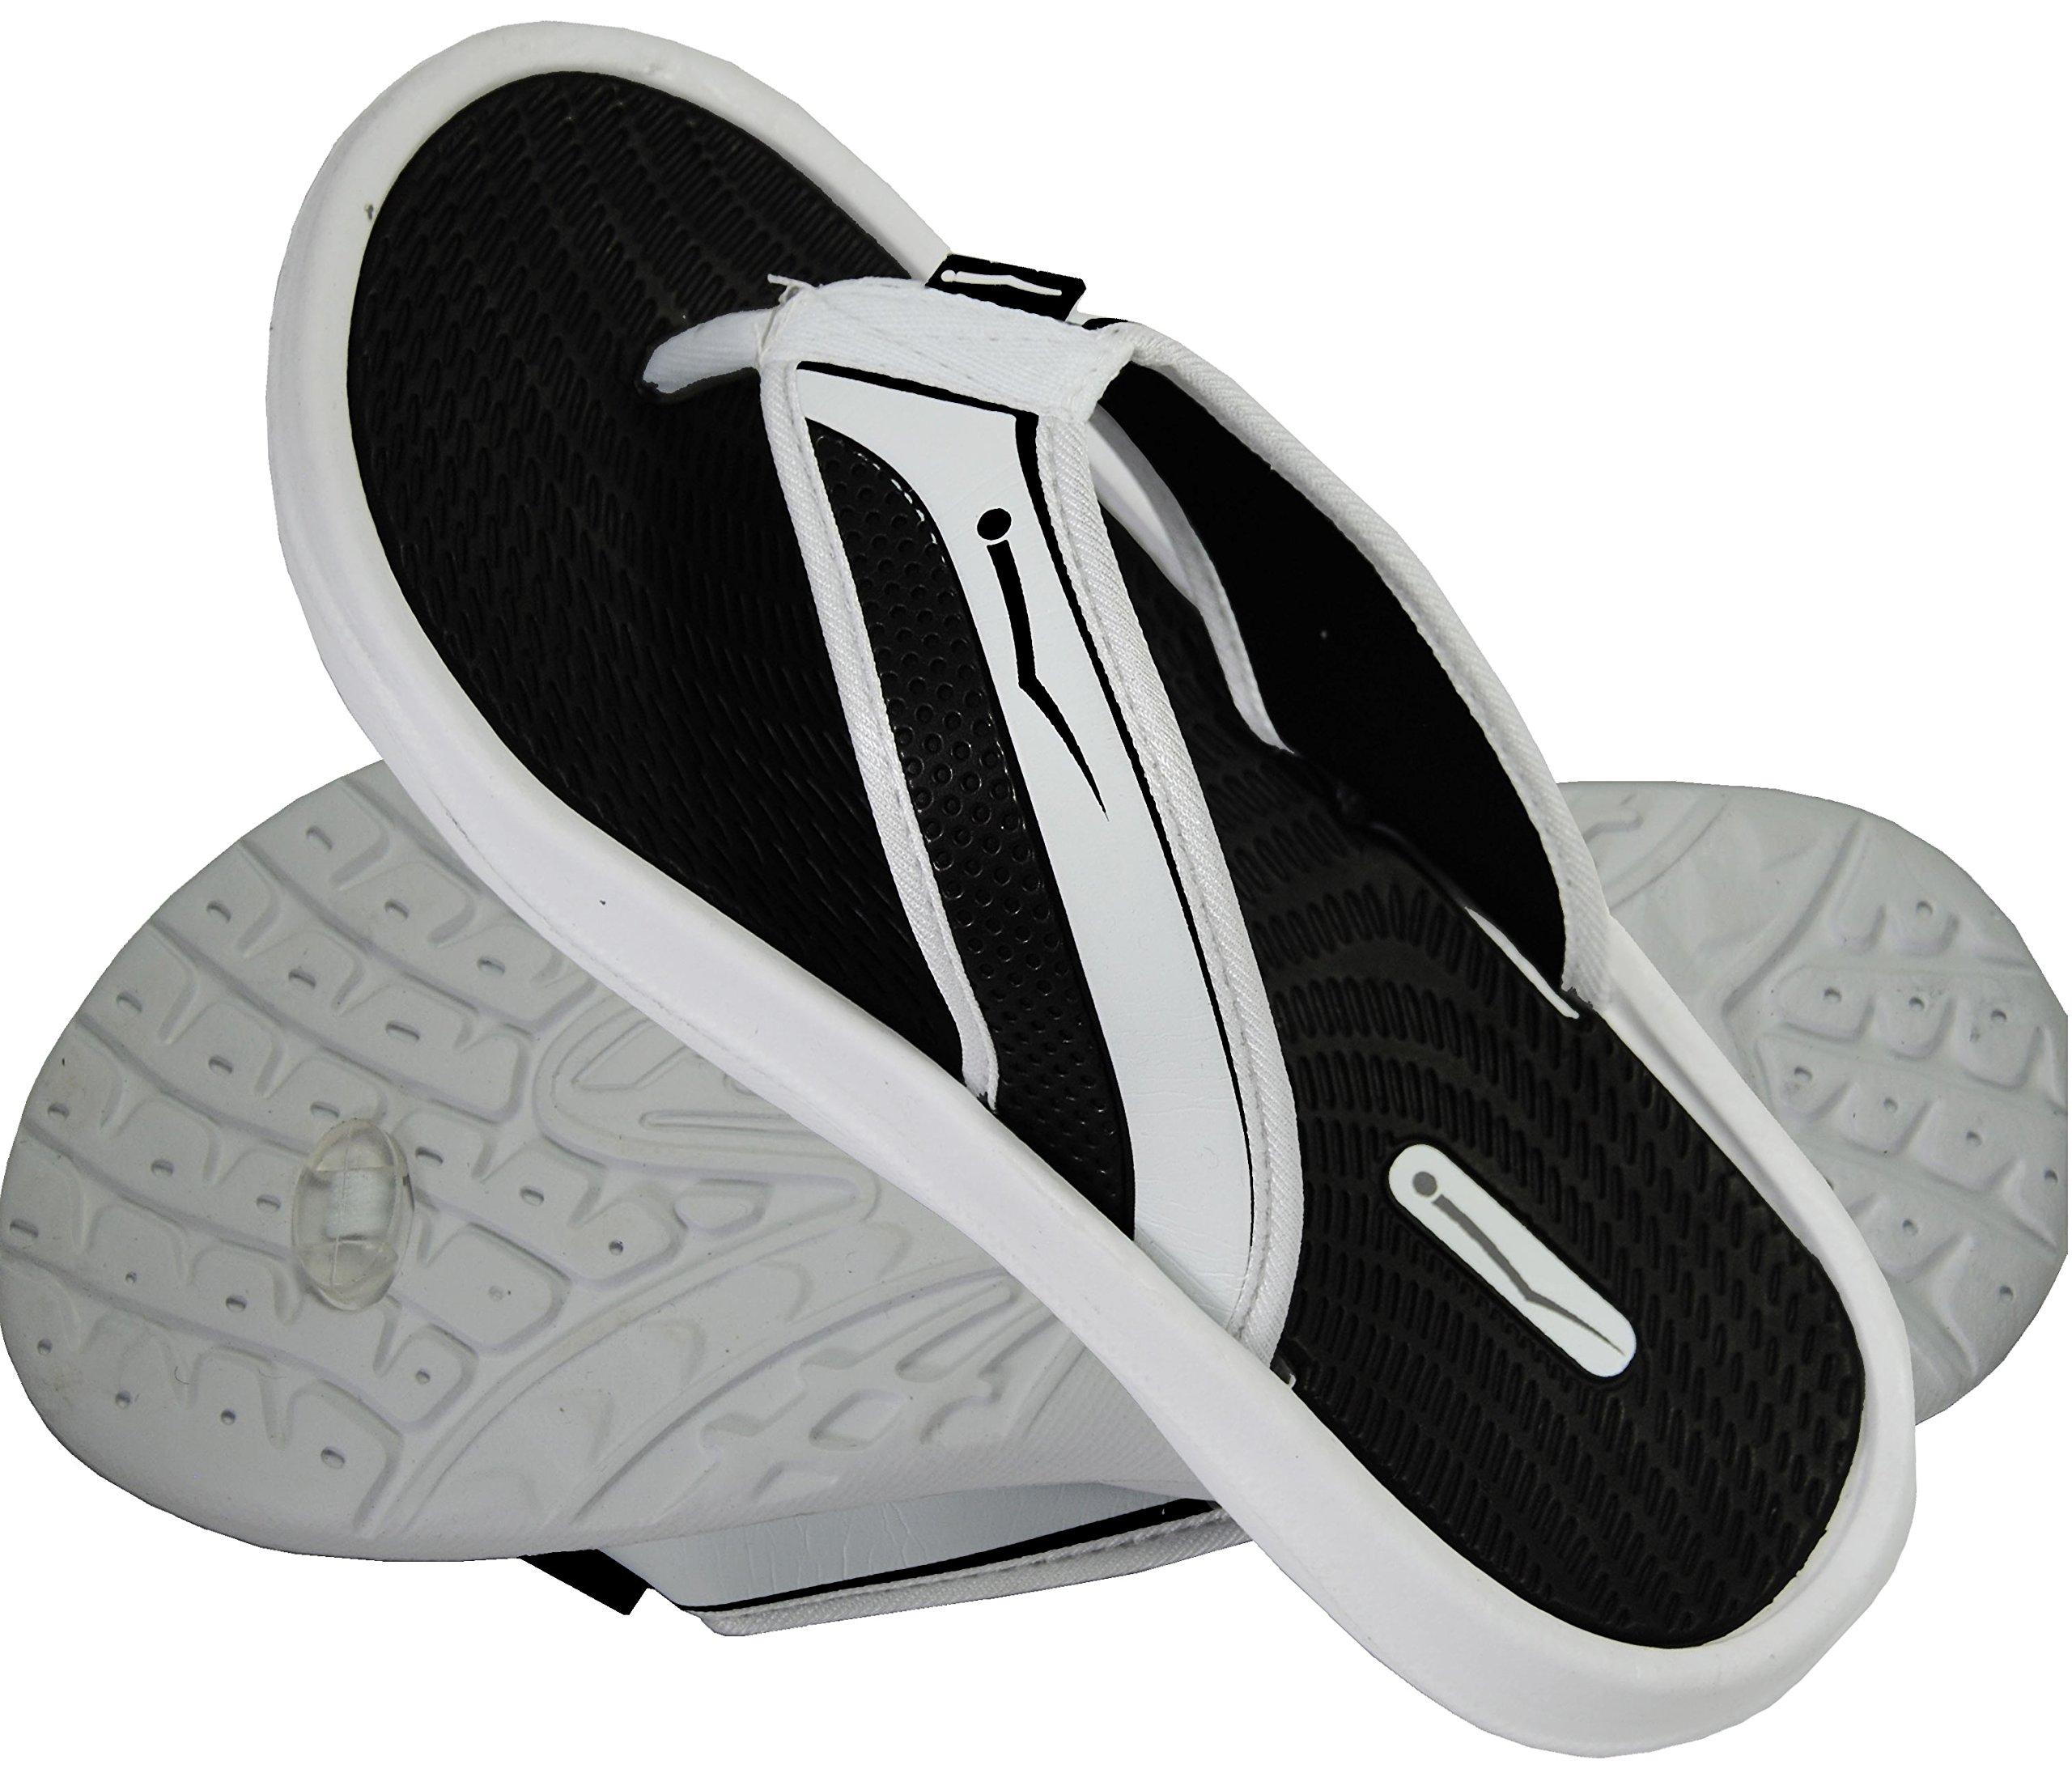 Flip Flops Men's Rubber Comfortable Shower Summer Beach Lightweight Casual Sandals (11, White)